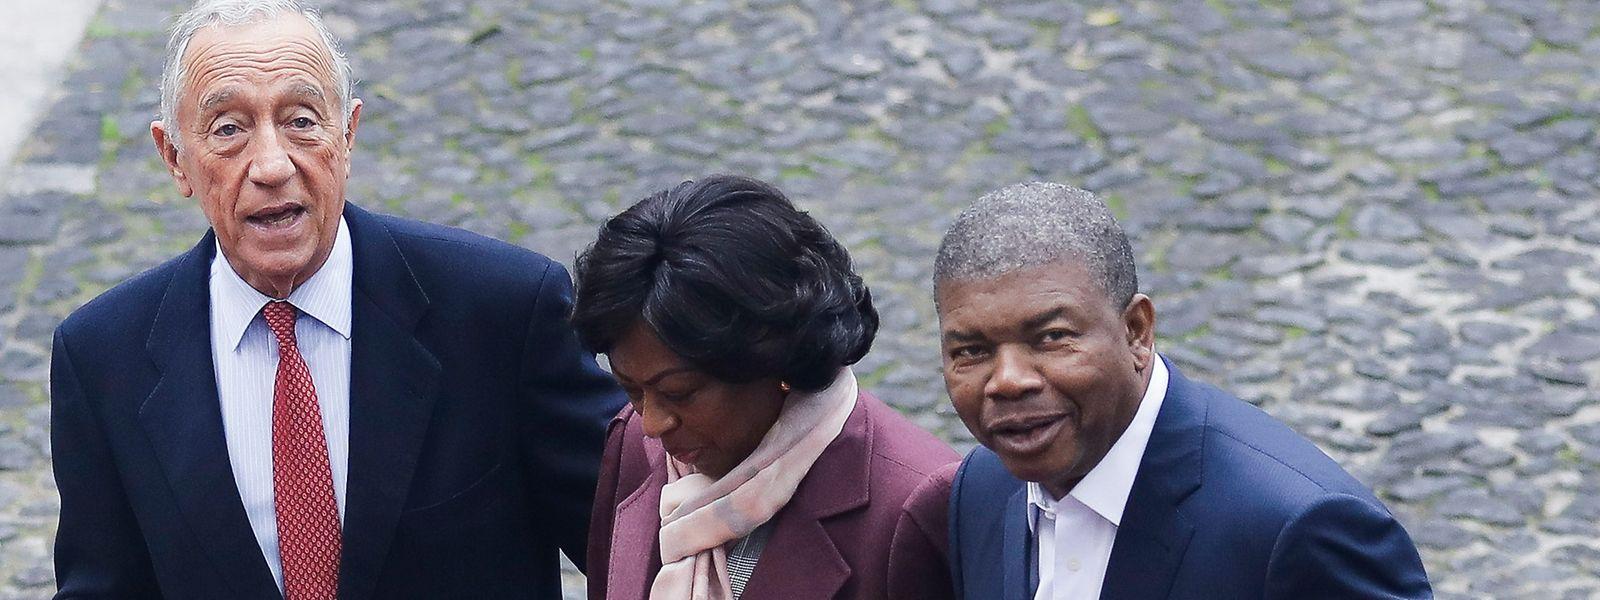 O Presidente de Angola, João Lourenço, e a mulher Ana Dias Lourenço com o Presidente Marcelo Rebelo de Sousa.